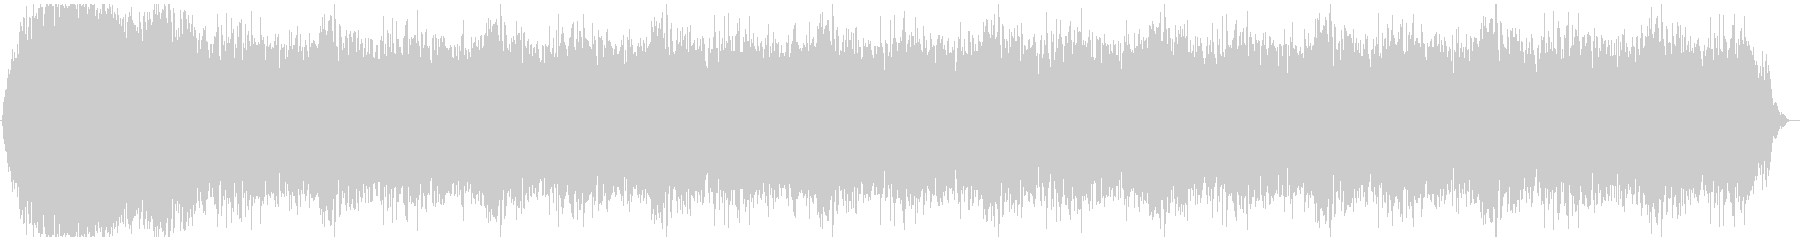 ドローン ストームハイ01の未再生の波形